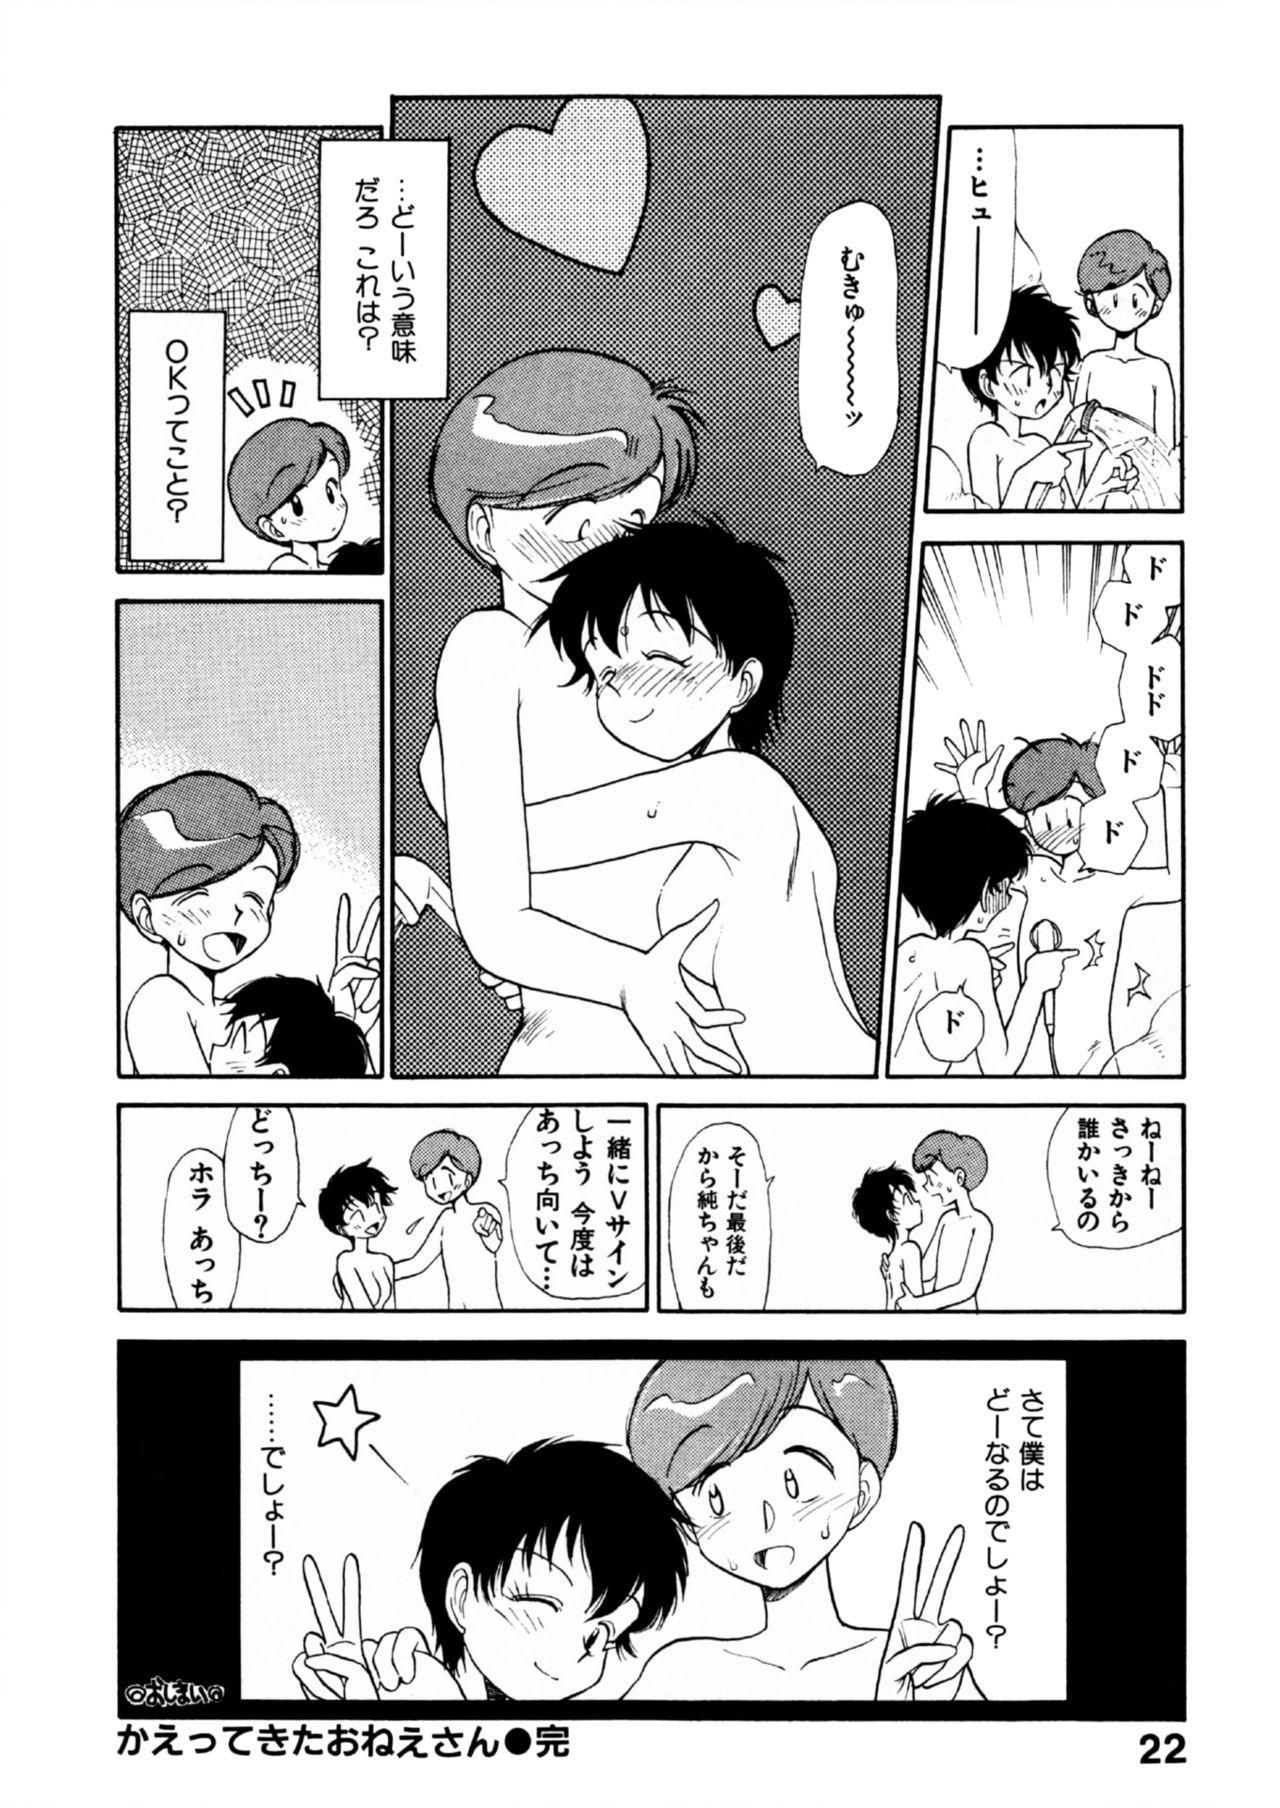 COMIC Kairakuten 25 Shuunen kinen tokubetsugou 22